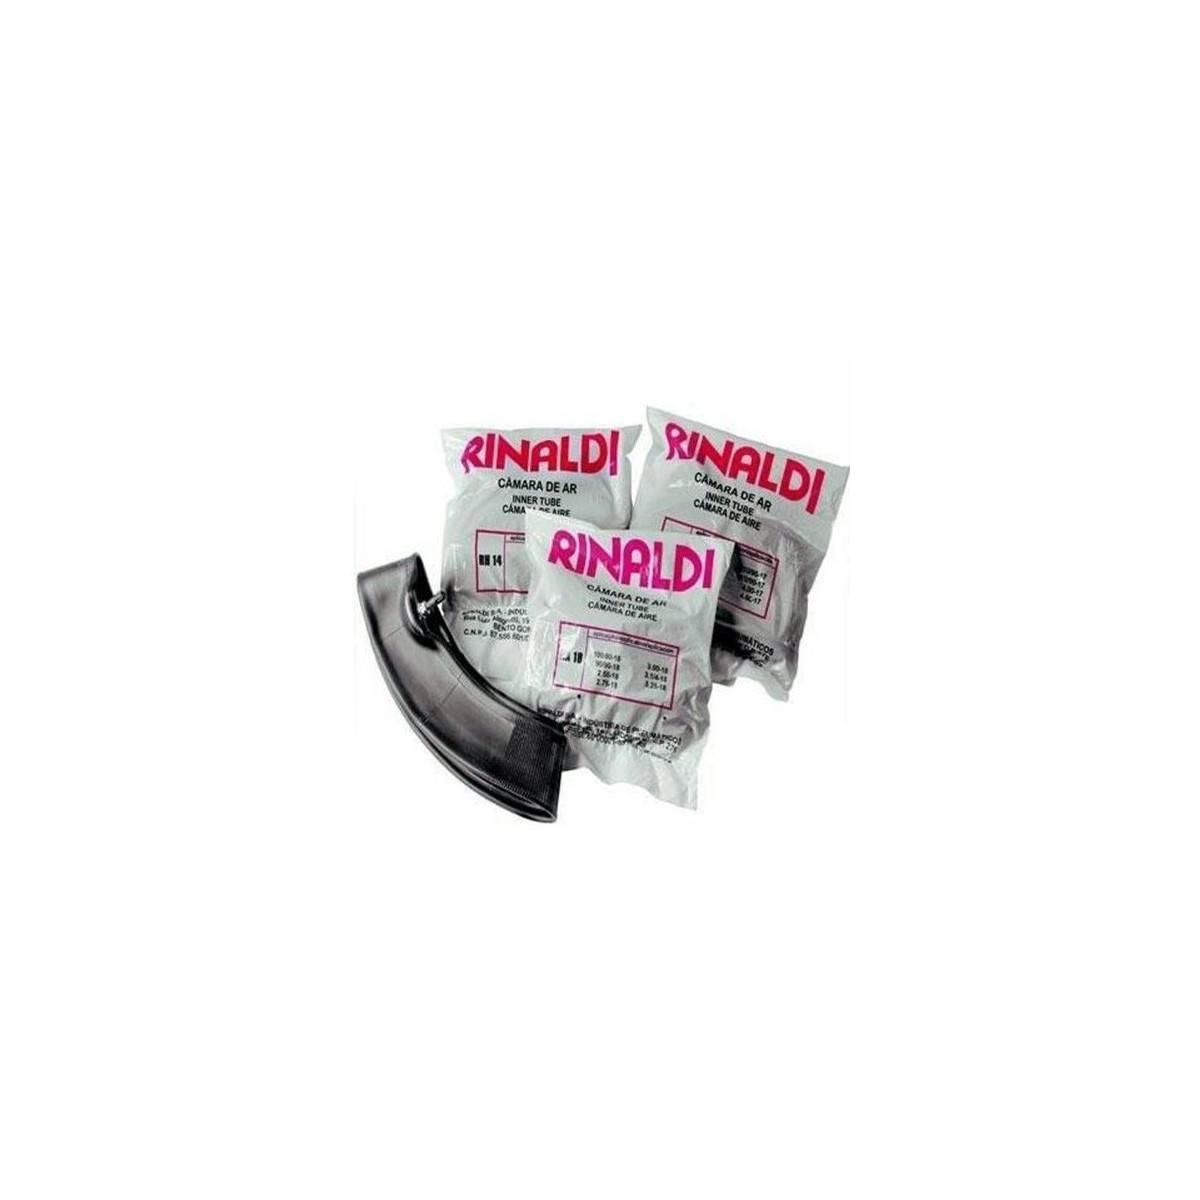 Camara rinaldi 90/100-16